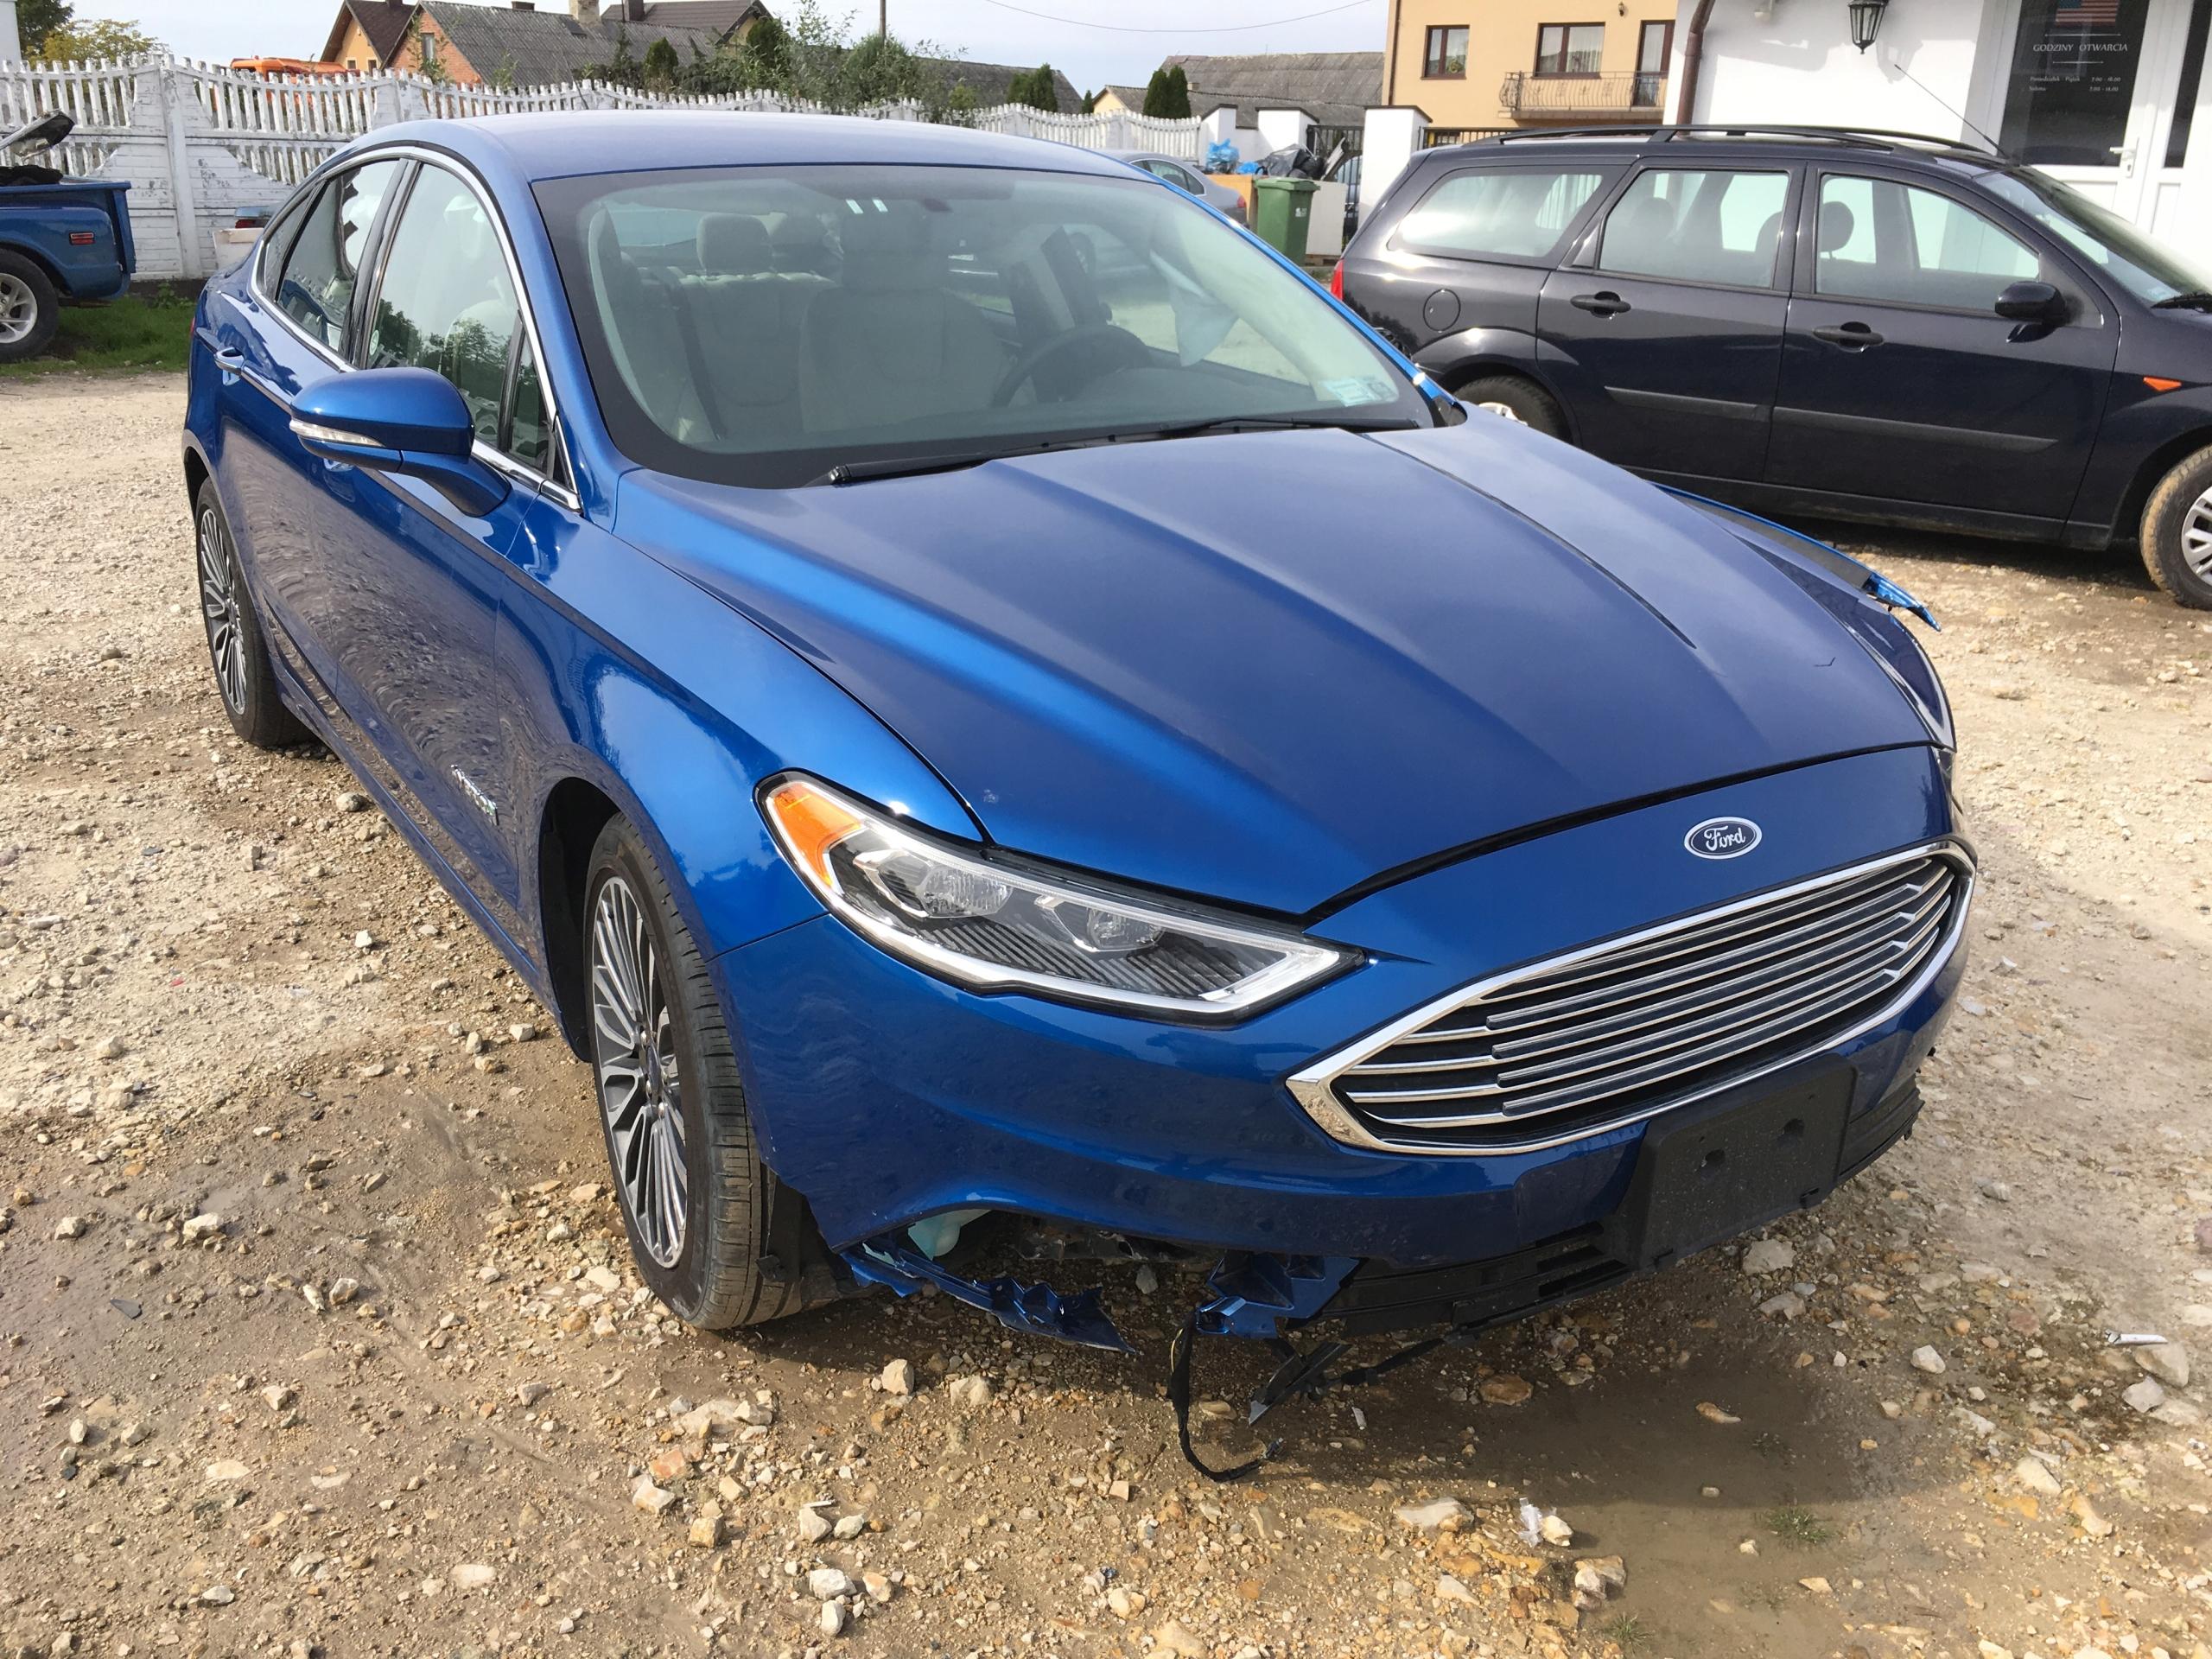 Ford Fusion/Mondeo Titanium Hybrid 2017 (94 foto)